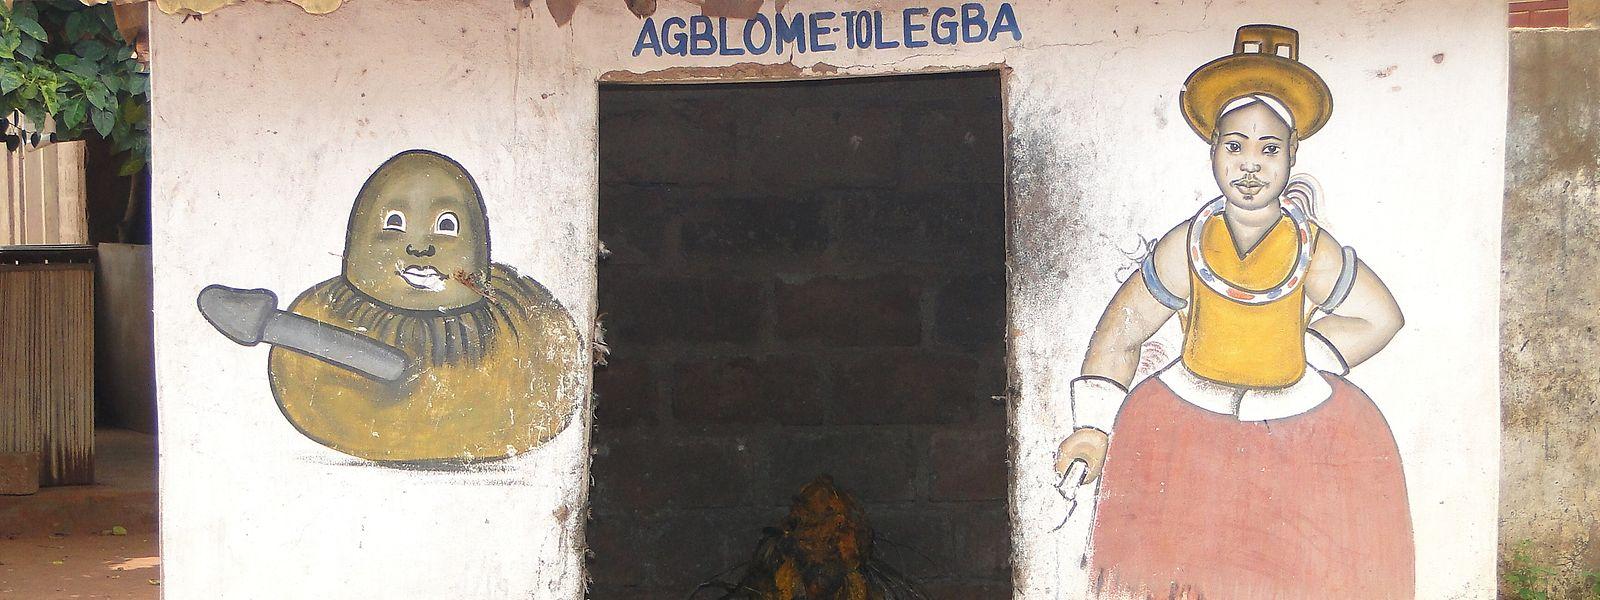 Ein klassischer Voodoo-Schrein in Benin.